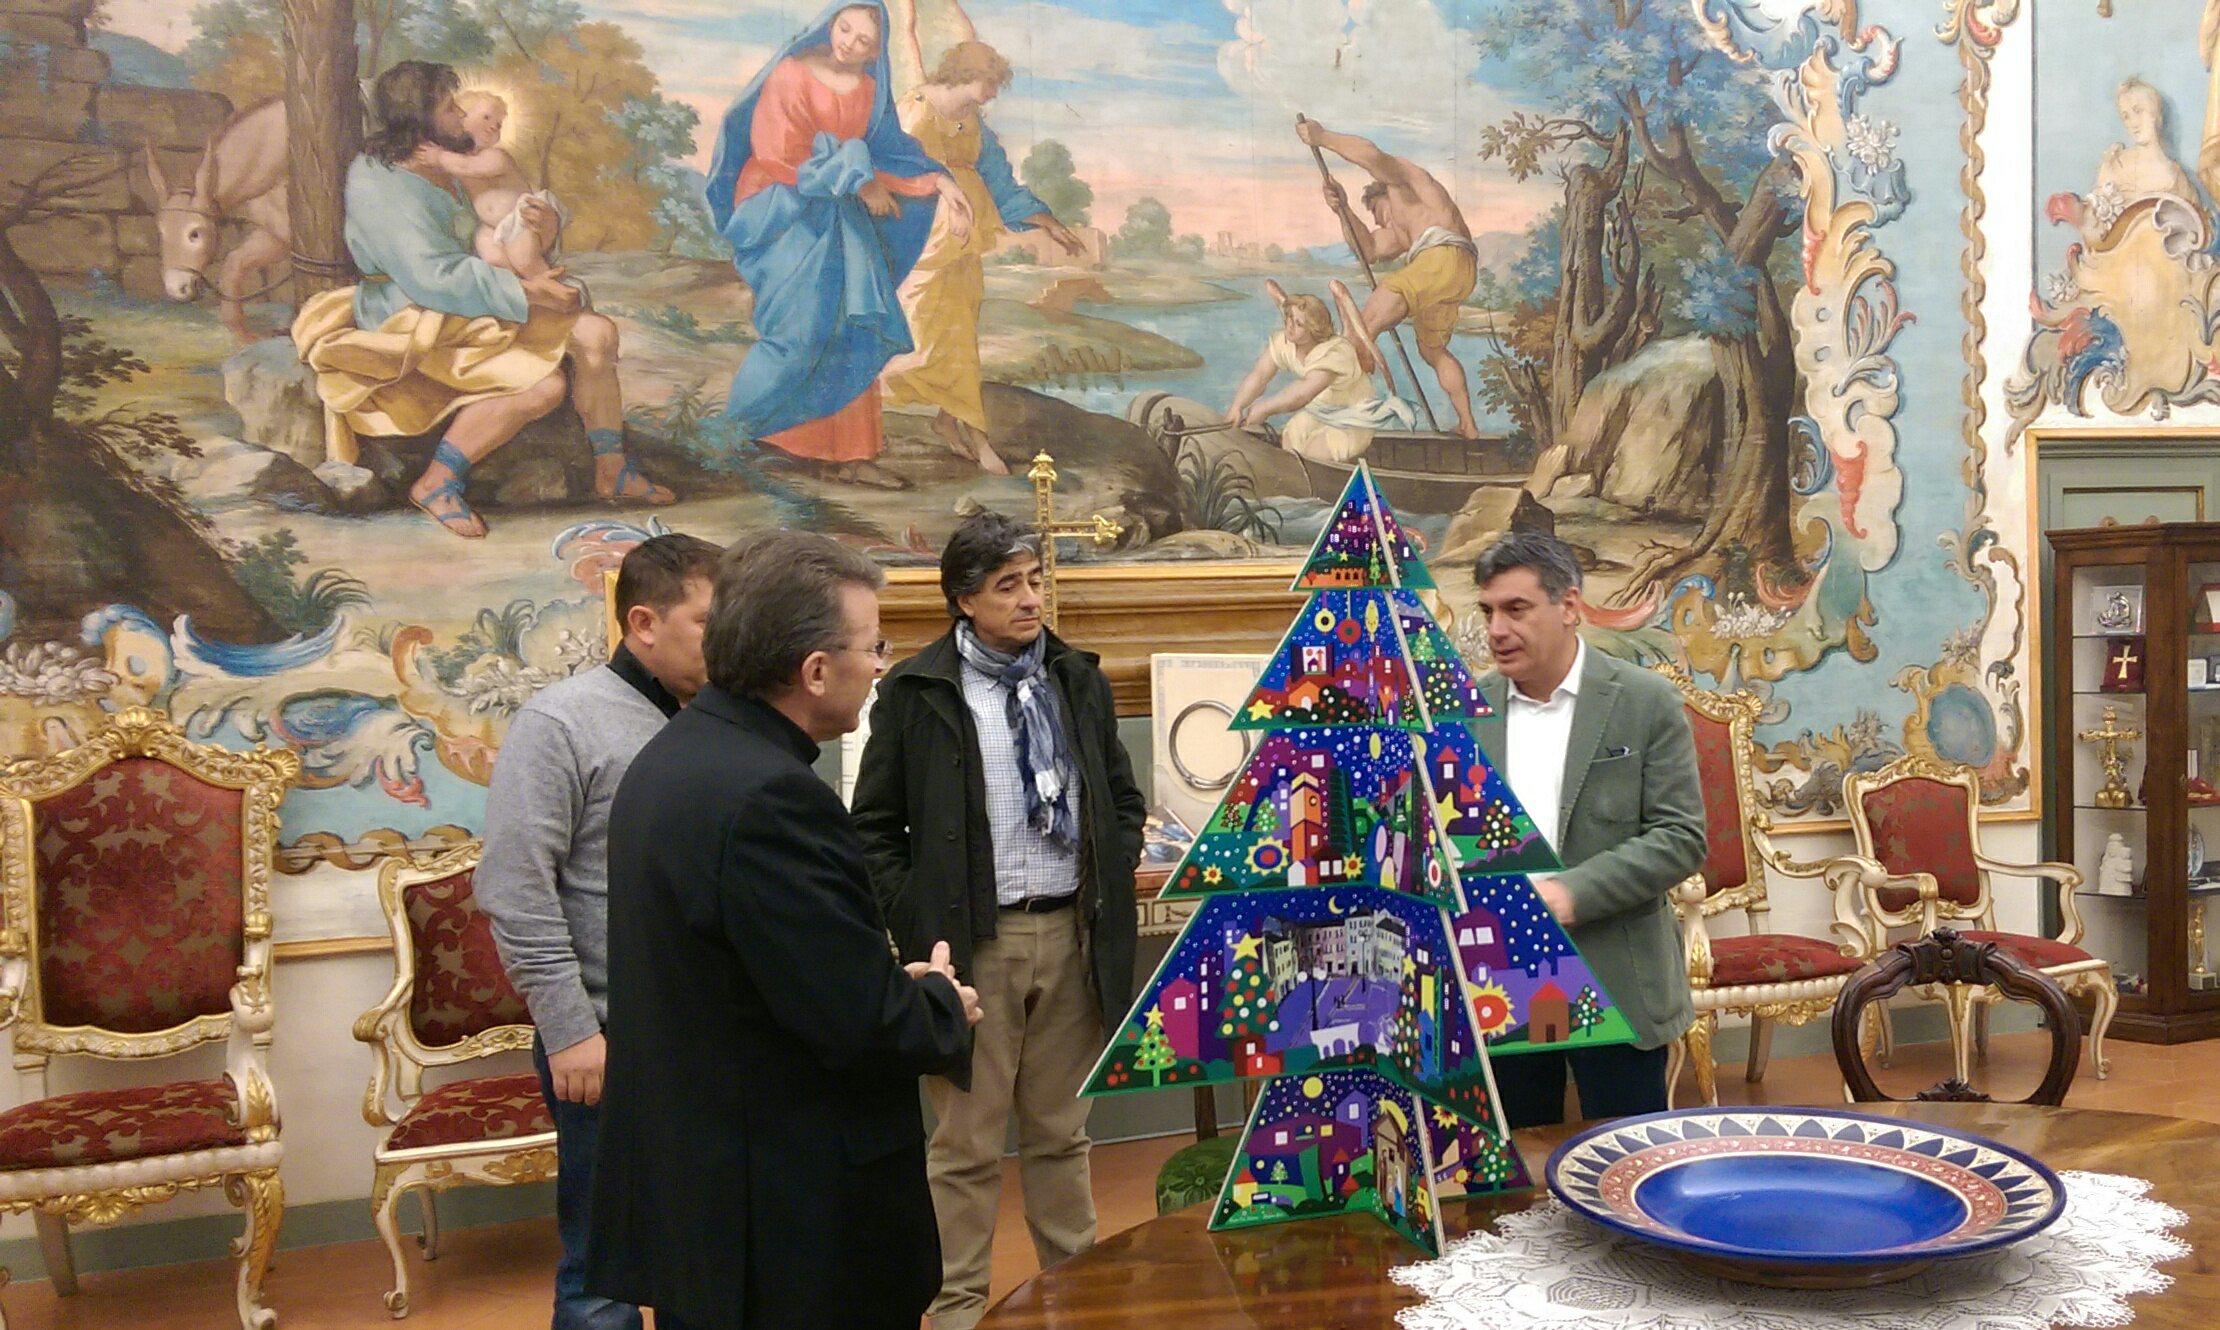 albero di natale, omaggiato il vescovo armando trasarti | occhio ... - Illuminazione Alberi Natale